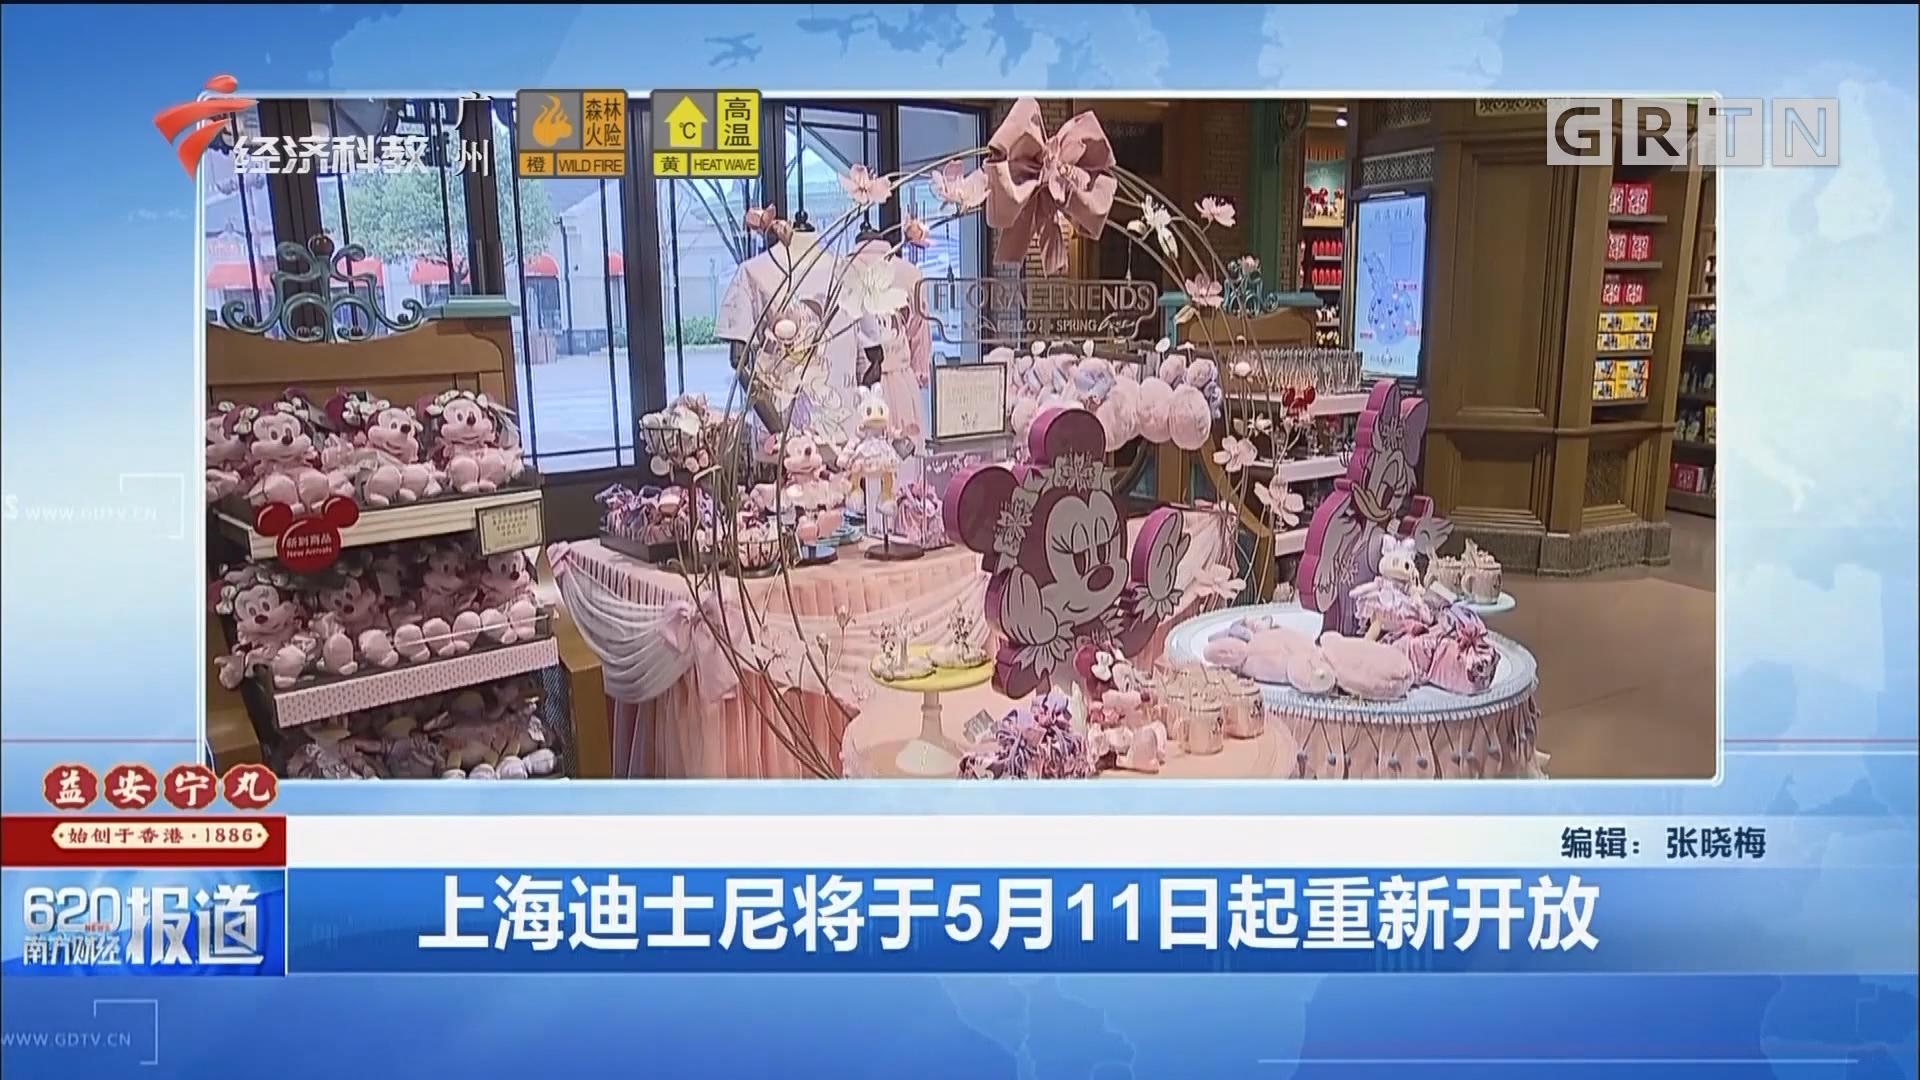 上海迪士尼將于5月11日起重新開放